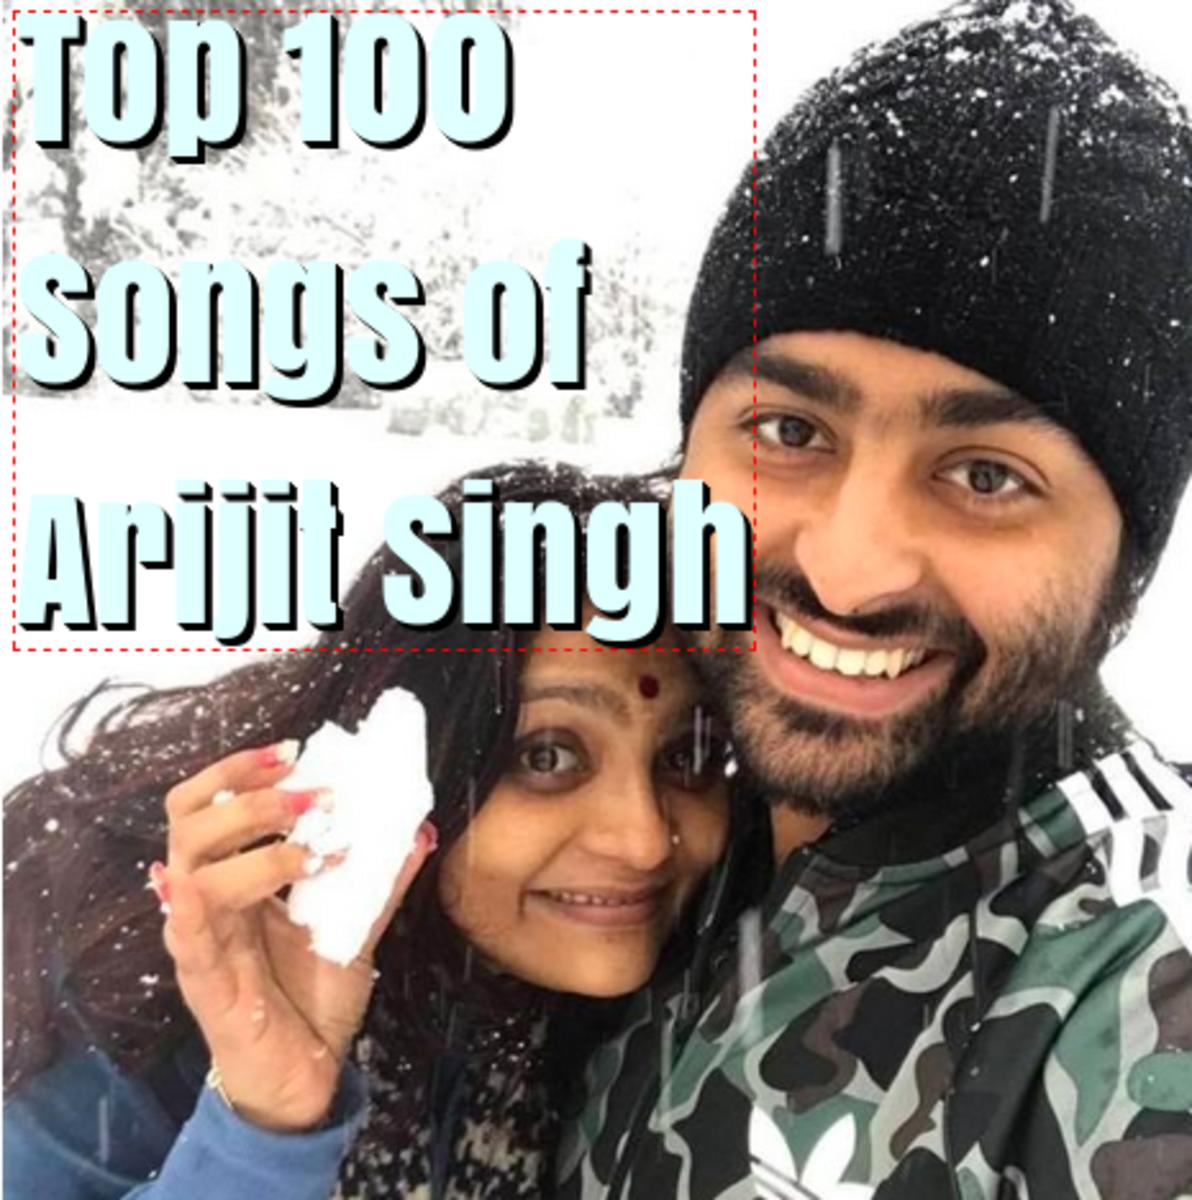 Arijit Singh Top 100 Songs